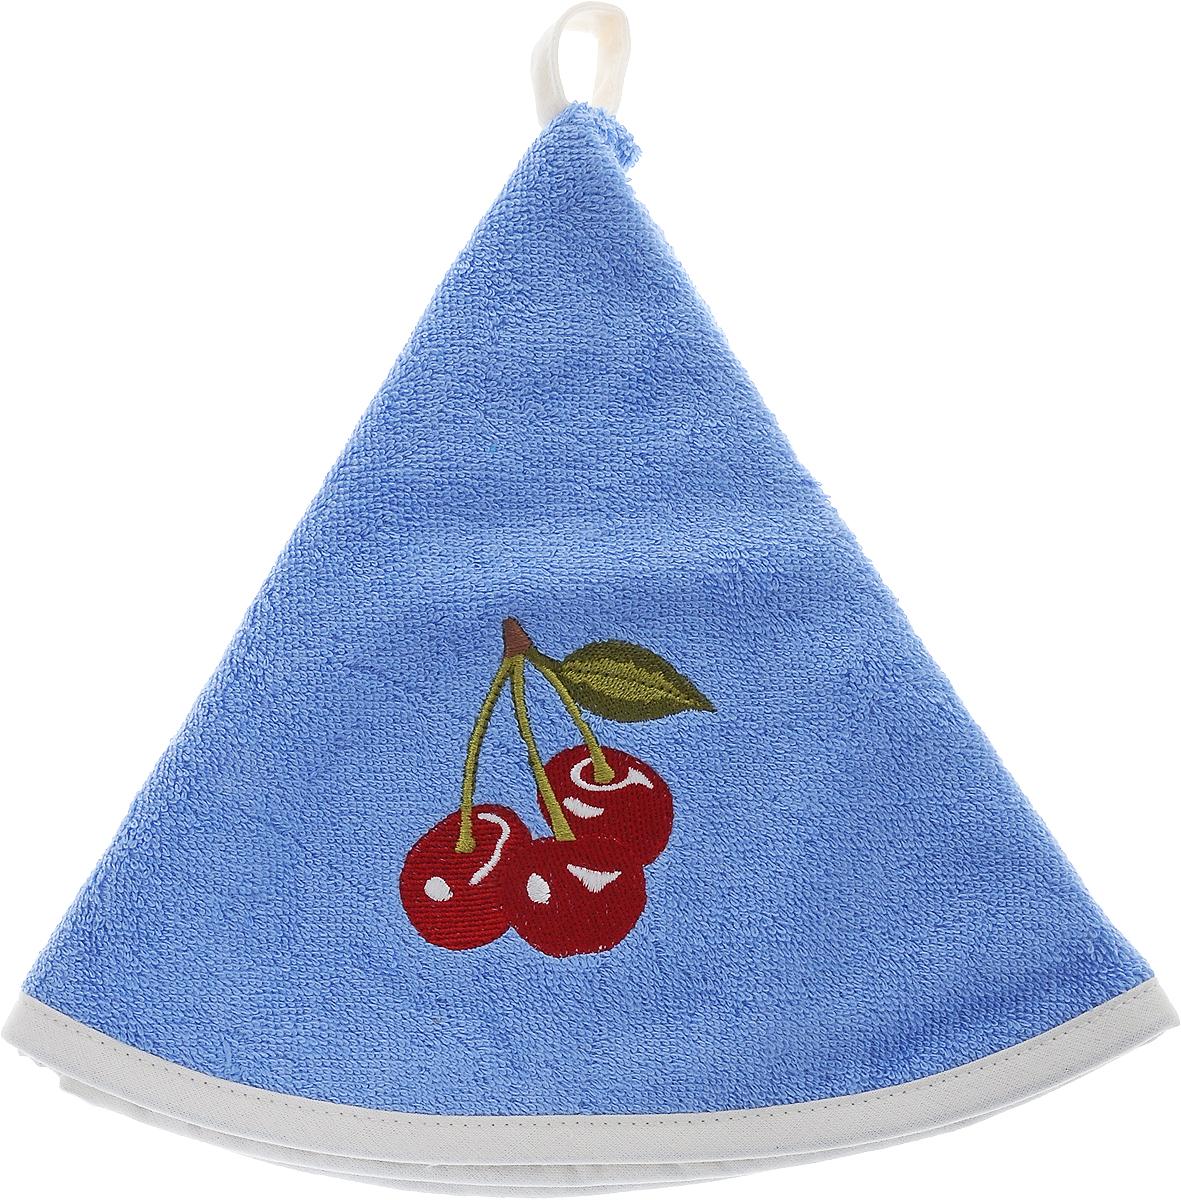 Полотенце кухонное Karna Zelina, цвет: светло-синий, диаметр 50 смVT-1520(SR)Круглое кухонное полотенце Karna Zelina изготовлено из махровой ткани (100% хлопок), поэтому является экологически чистым. Качество материала гарантирует безопасность не только взрослым, но и самым маленьким членам семьи. Изделие мягкое и приятное на ощупь, оснащено удобной петелькой и украшено оригинальной вышивкой. Полотенце хорошо впитывает влагу, легко стирается в стиральной машине и обладает высокой износоустойчивостью. Кухонное полотенце Karna Zelina сделает интерьер вашей кухни стильным и гармоничным.Диаметр полотенца: 50 см.